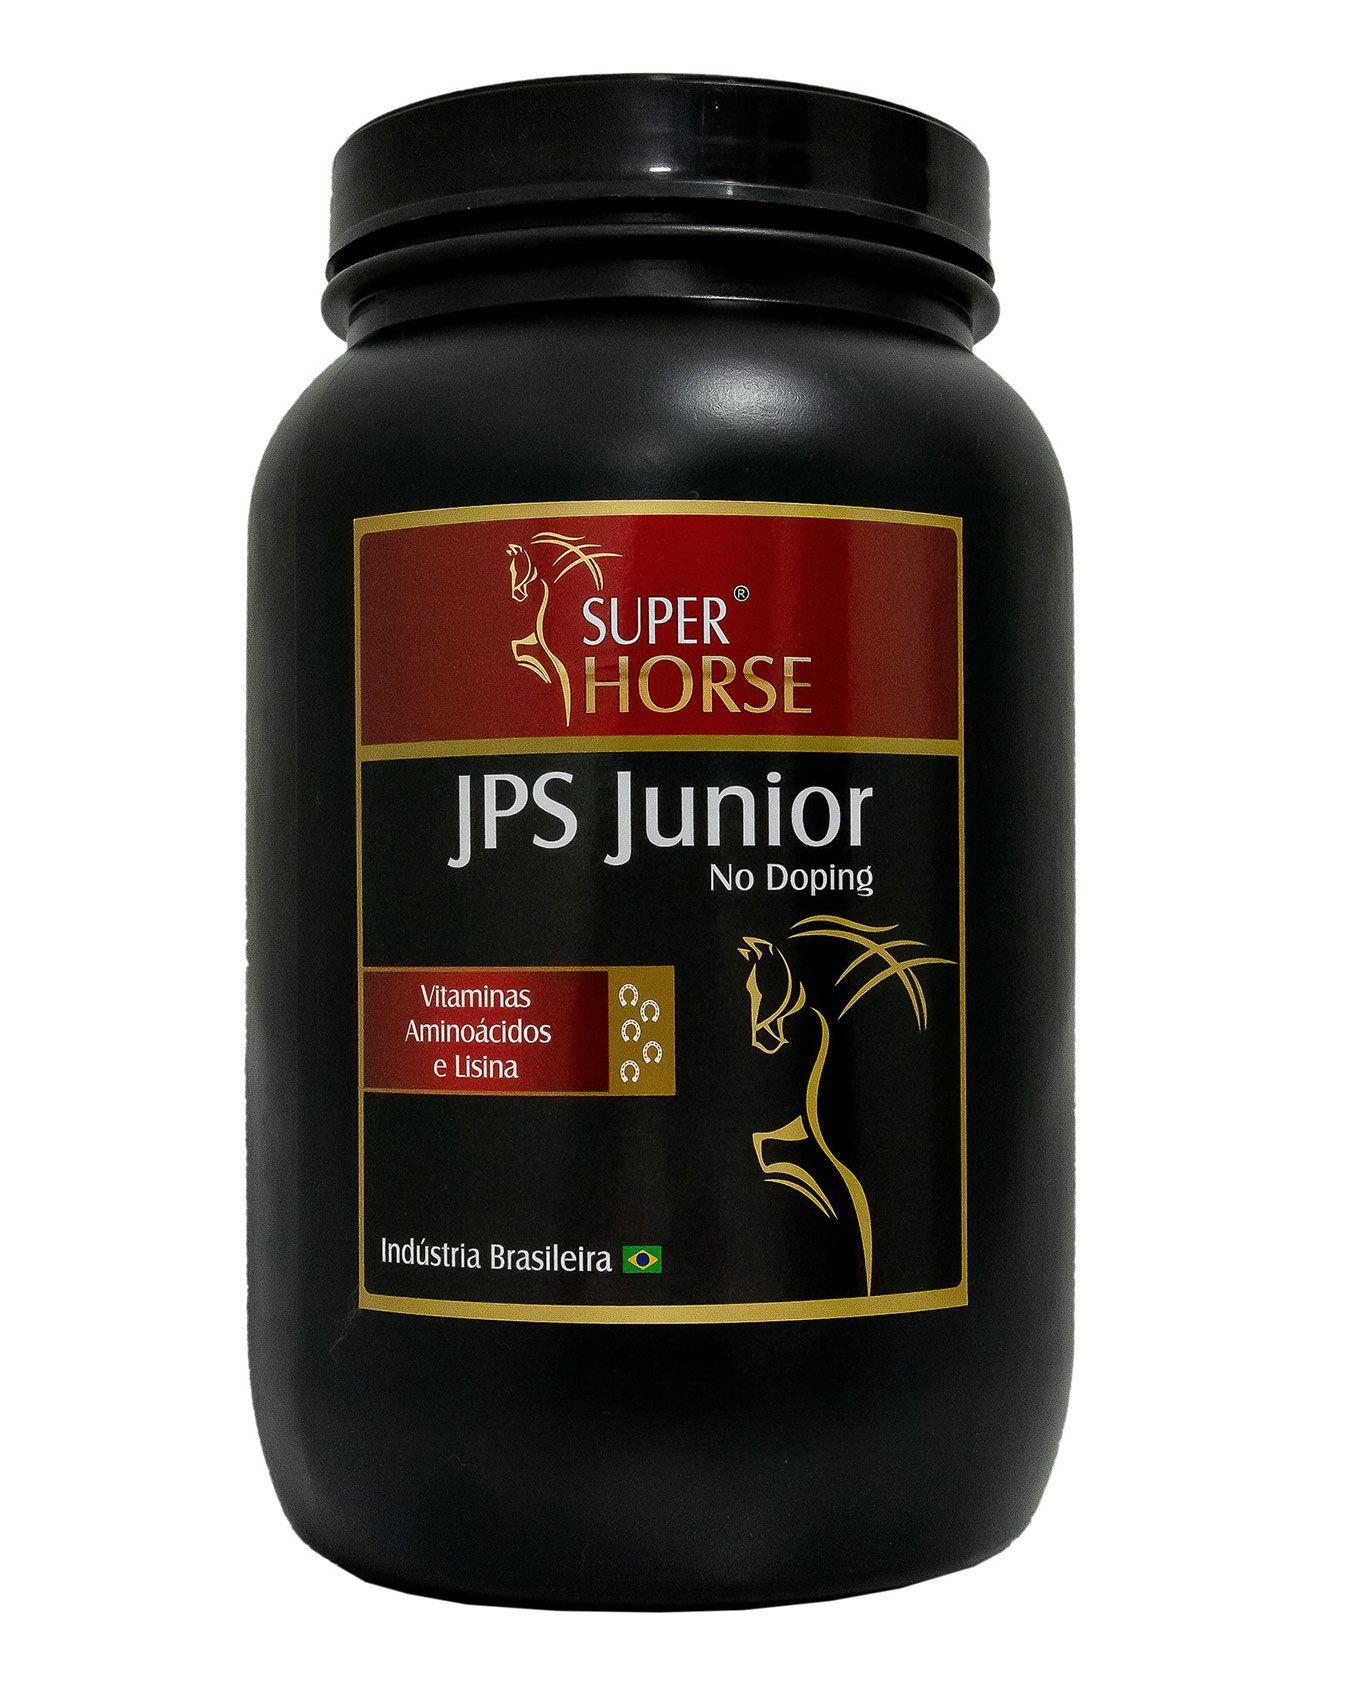 Super Horse JPS Junior, 3 kg rende em até 120 dias.